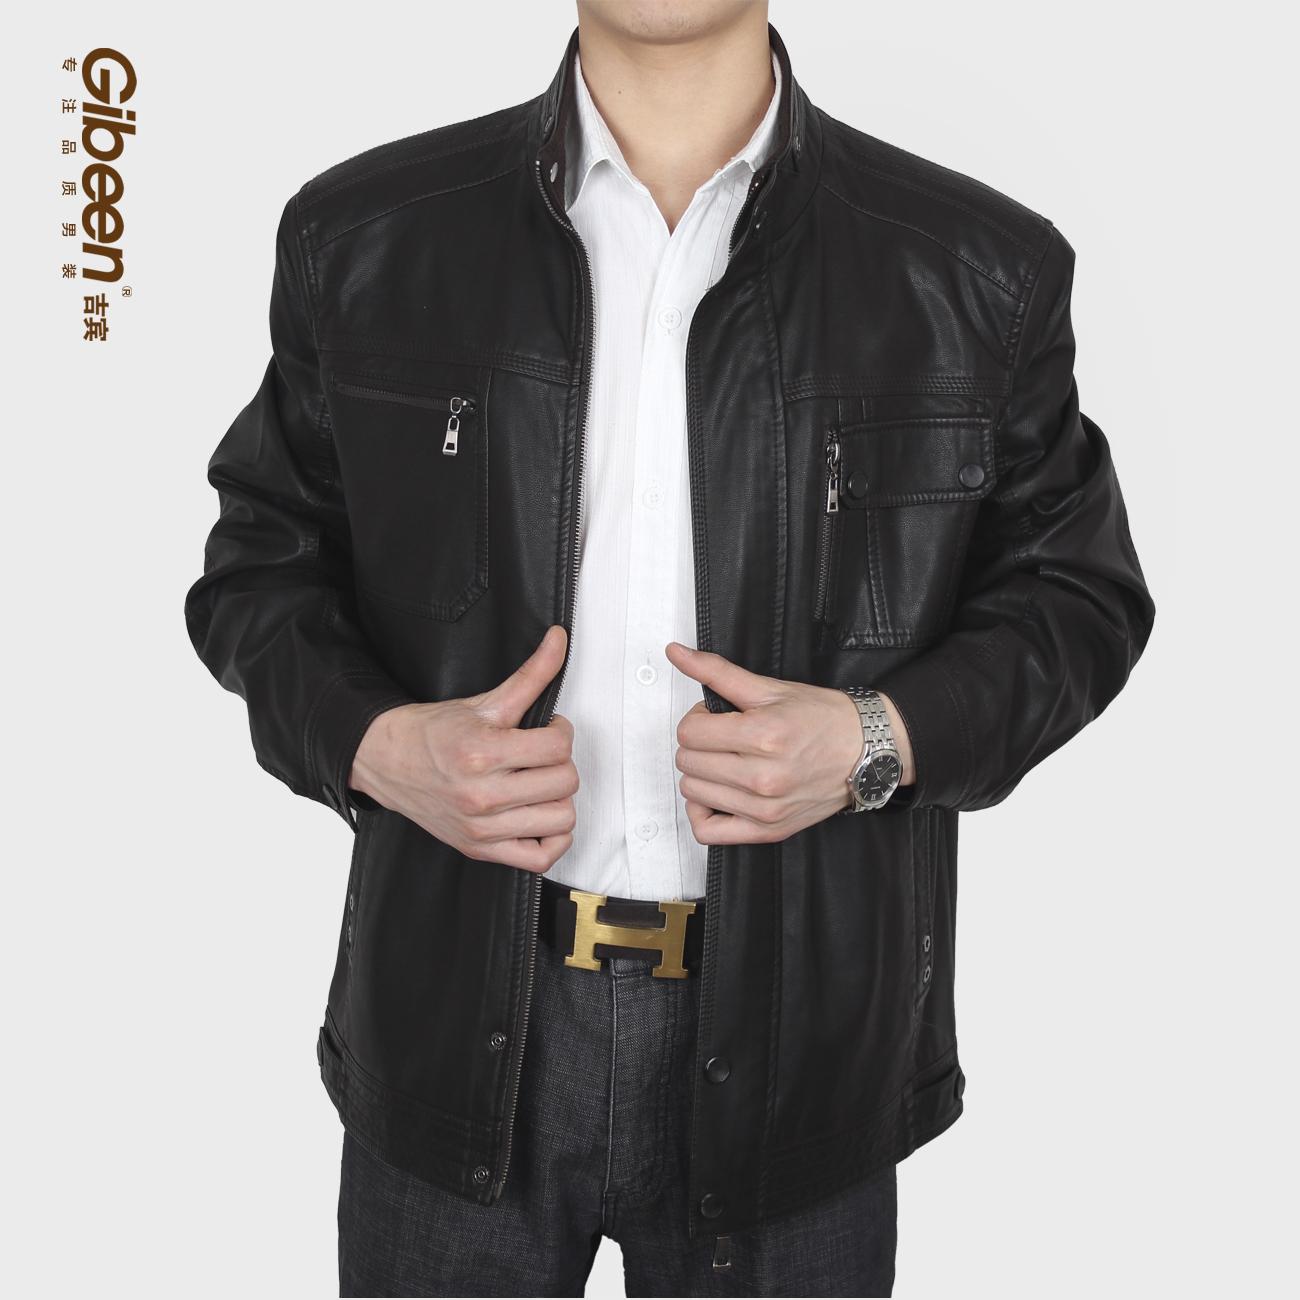 Одежда из кожи Gibeen 301 Имитация кожаной одежды Полиуретановый кожезаменитель Весна Воротник-стойка